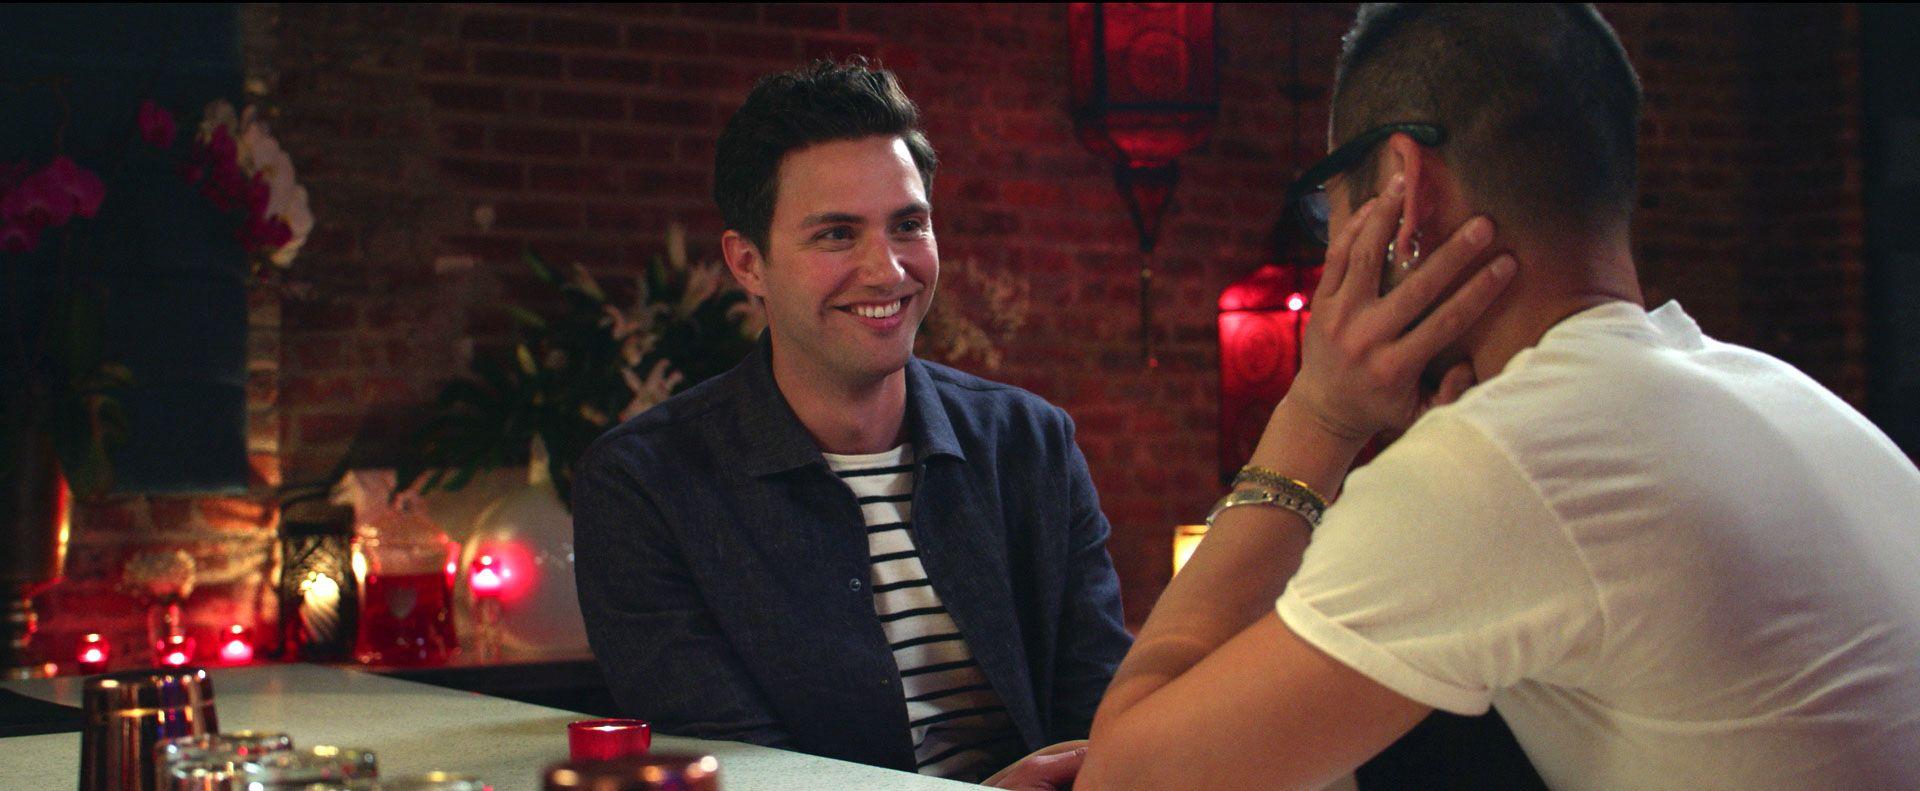 Matt smiley dating